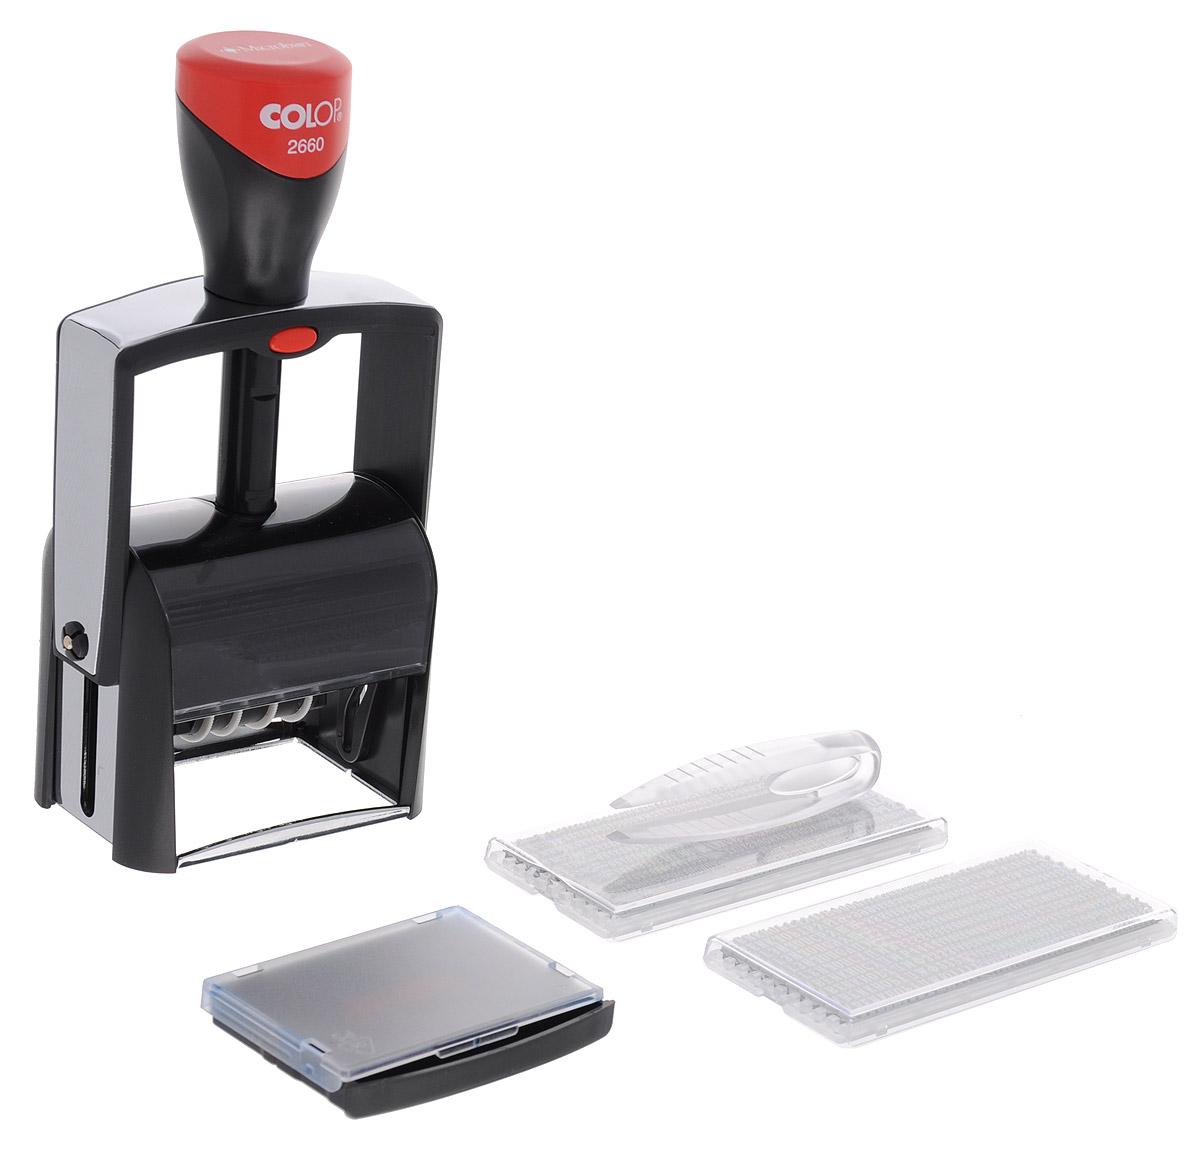 Colop Датер самонаборный S 2660 Bank-Set-FFS-00897Датер имеет металлический каркас, обрамленный пластиком.Автоматическое окрашивание текста. Встроенная антибактериальная защита на основе 3G-серебра в ручке и колпачке. Изделие предназначено для работы с повышенной нагрузкой. Мягкость и бесшумность хода, легкий доступ к колесам смены даты. Ленты датерных механизмов закрыты специальным кожухом, который гарантирует абсолютную чистоту в процессе использования. Рифленая пластина для набора текста расположена вокруг даты, дата 4 мм находится в центре.Датер рассчитан на 12 лет, включая текущий год. В комплекте: датер с рифленой пластиной, пинцет, две кассы букв Type Set A и B, двухцветная сменная подушка, рамка. Месяц указан цифрами. Крепление символов на одной ножке, экспресс-набор текста.